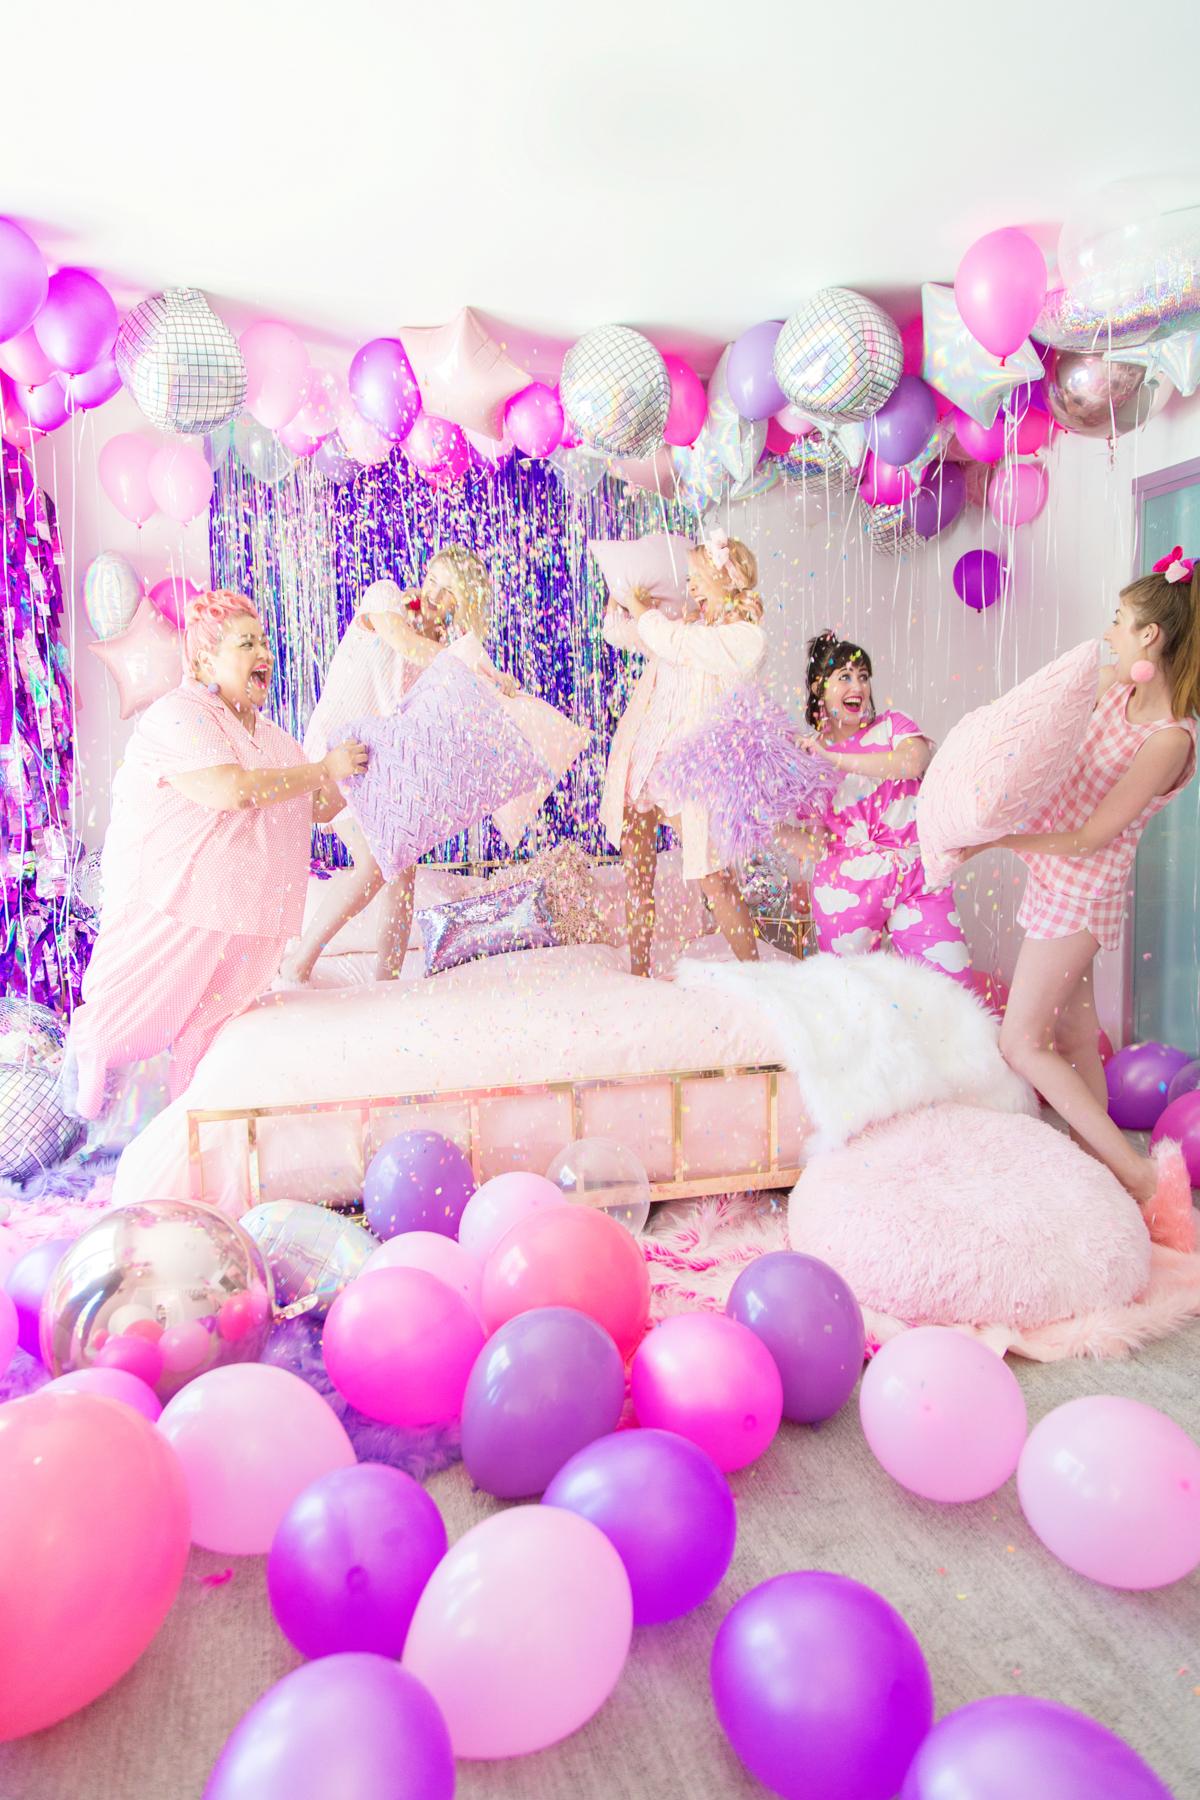 Confetti Pillow Fight Studio Diy